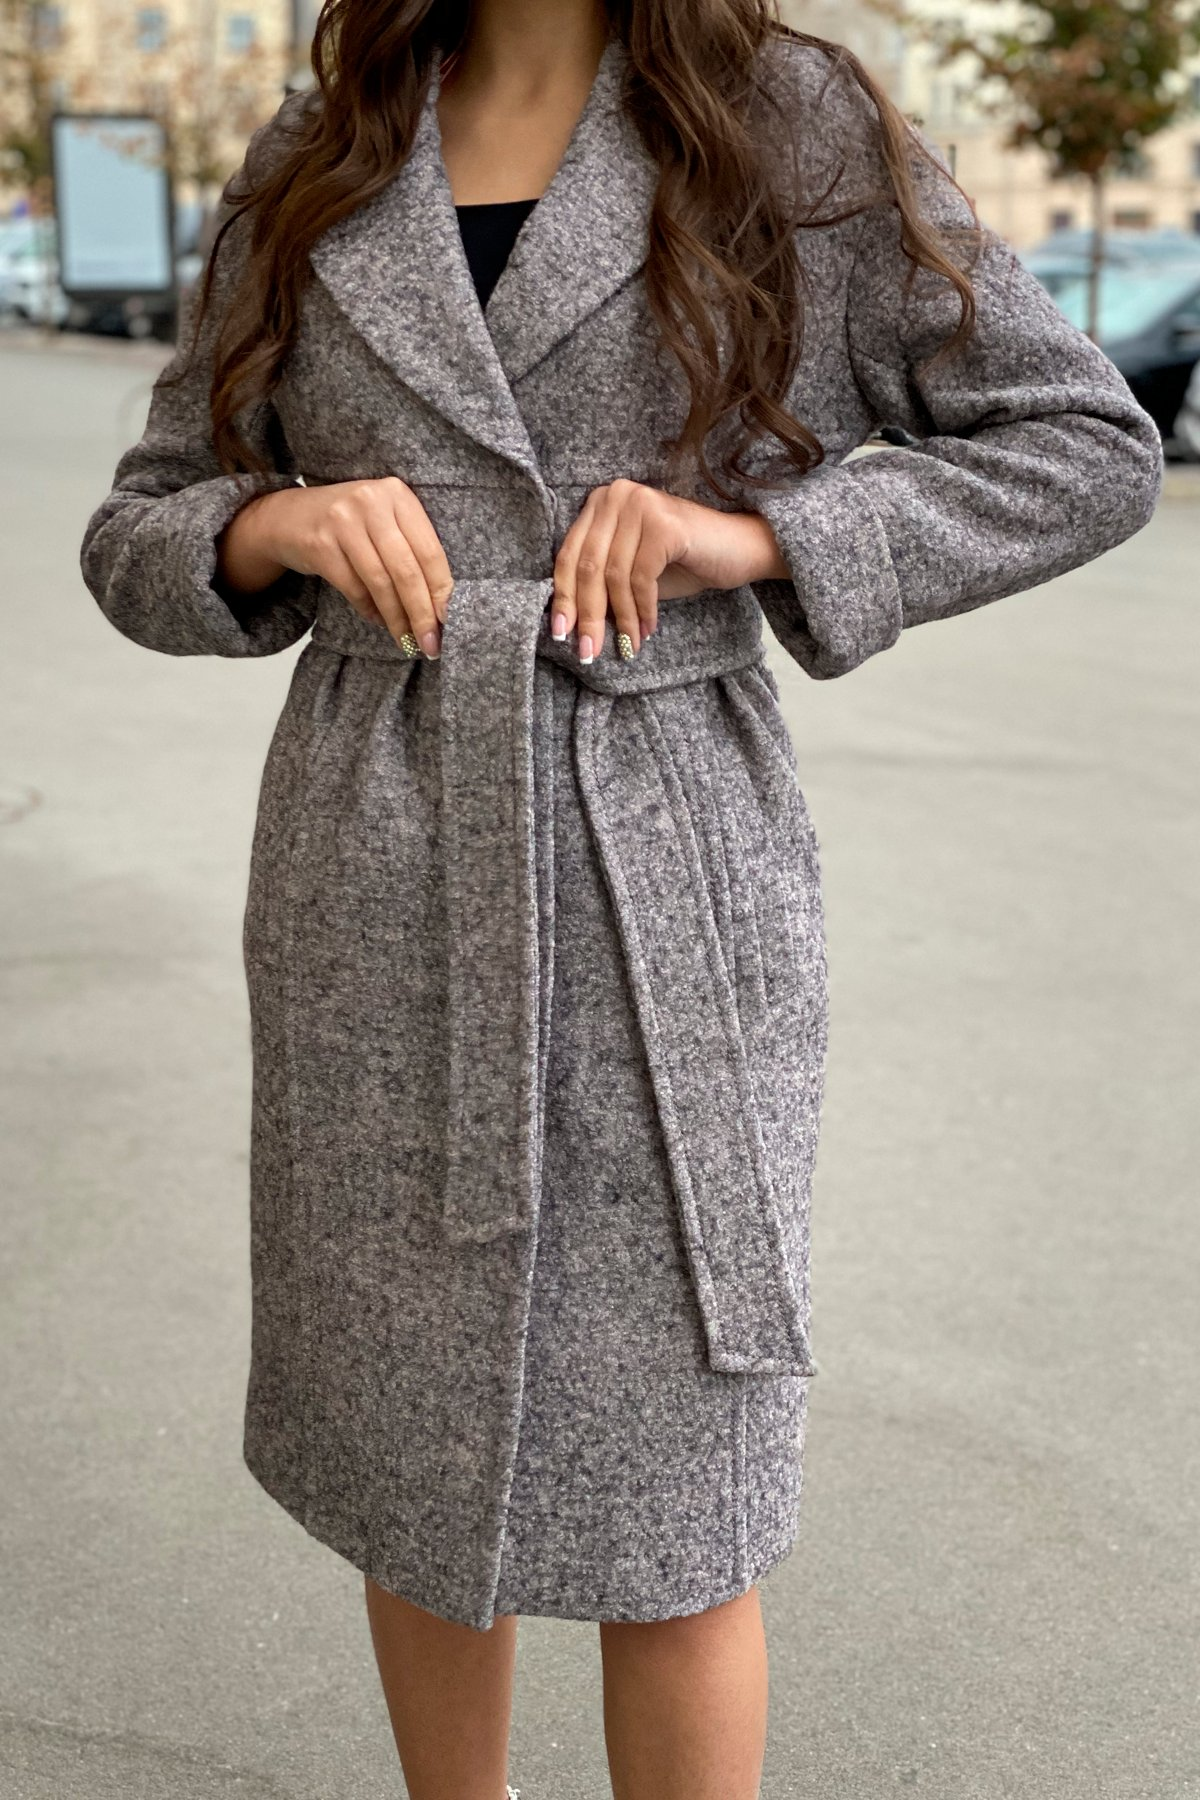 Пальто женские демисезонные недорого от Modus Пальто весна-осень c приспущенной линией плеча Фентези лайт 6365